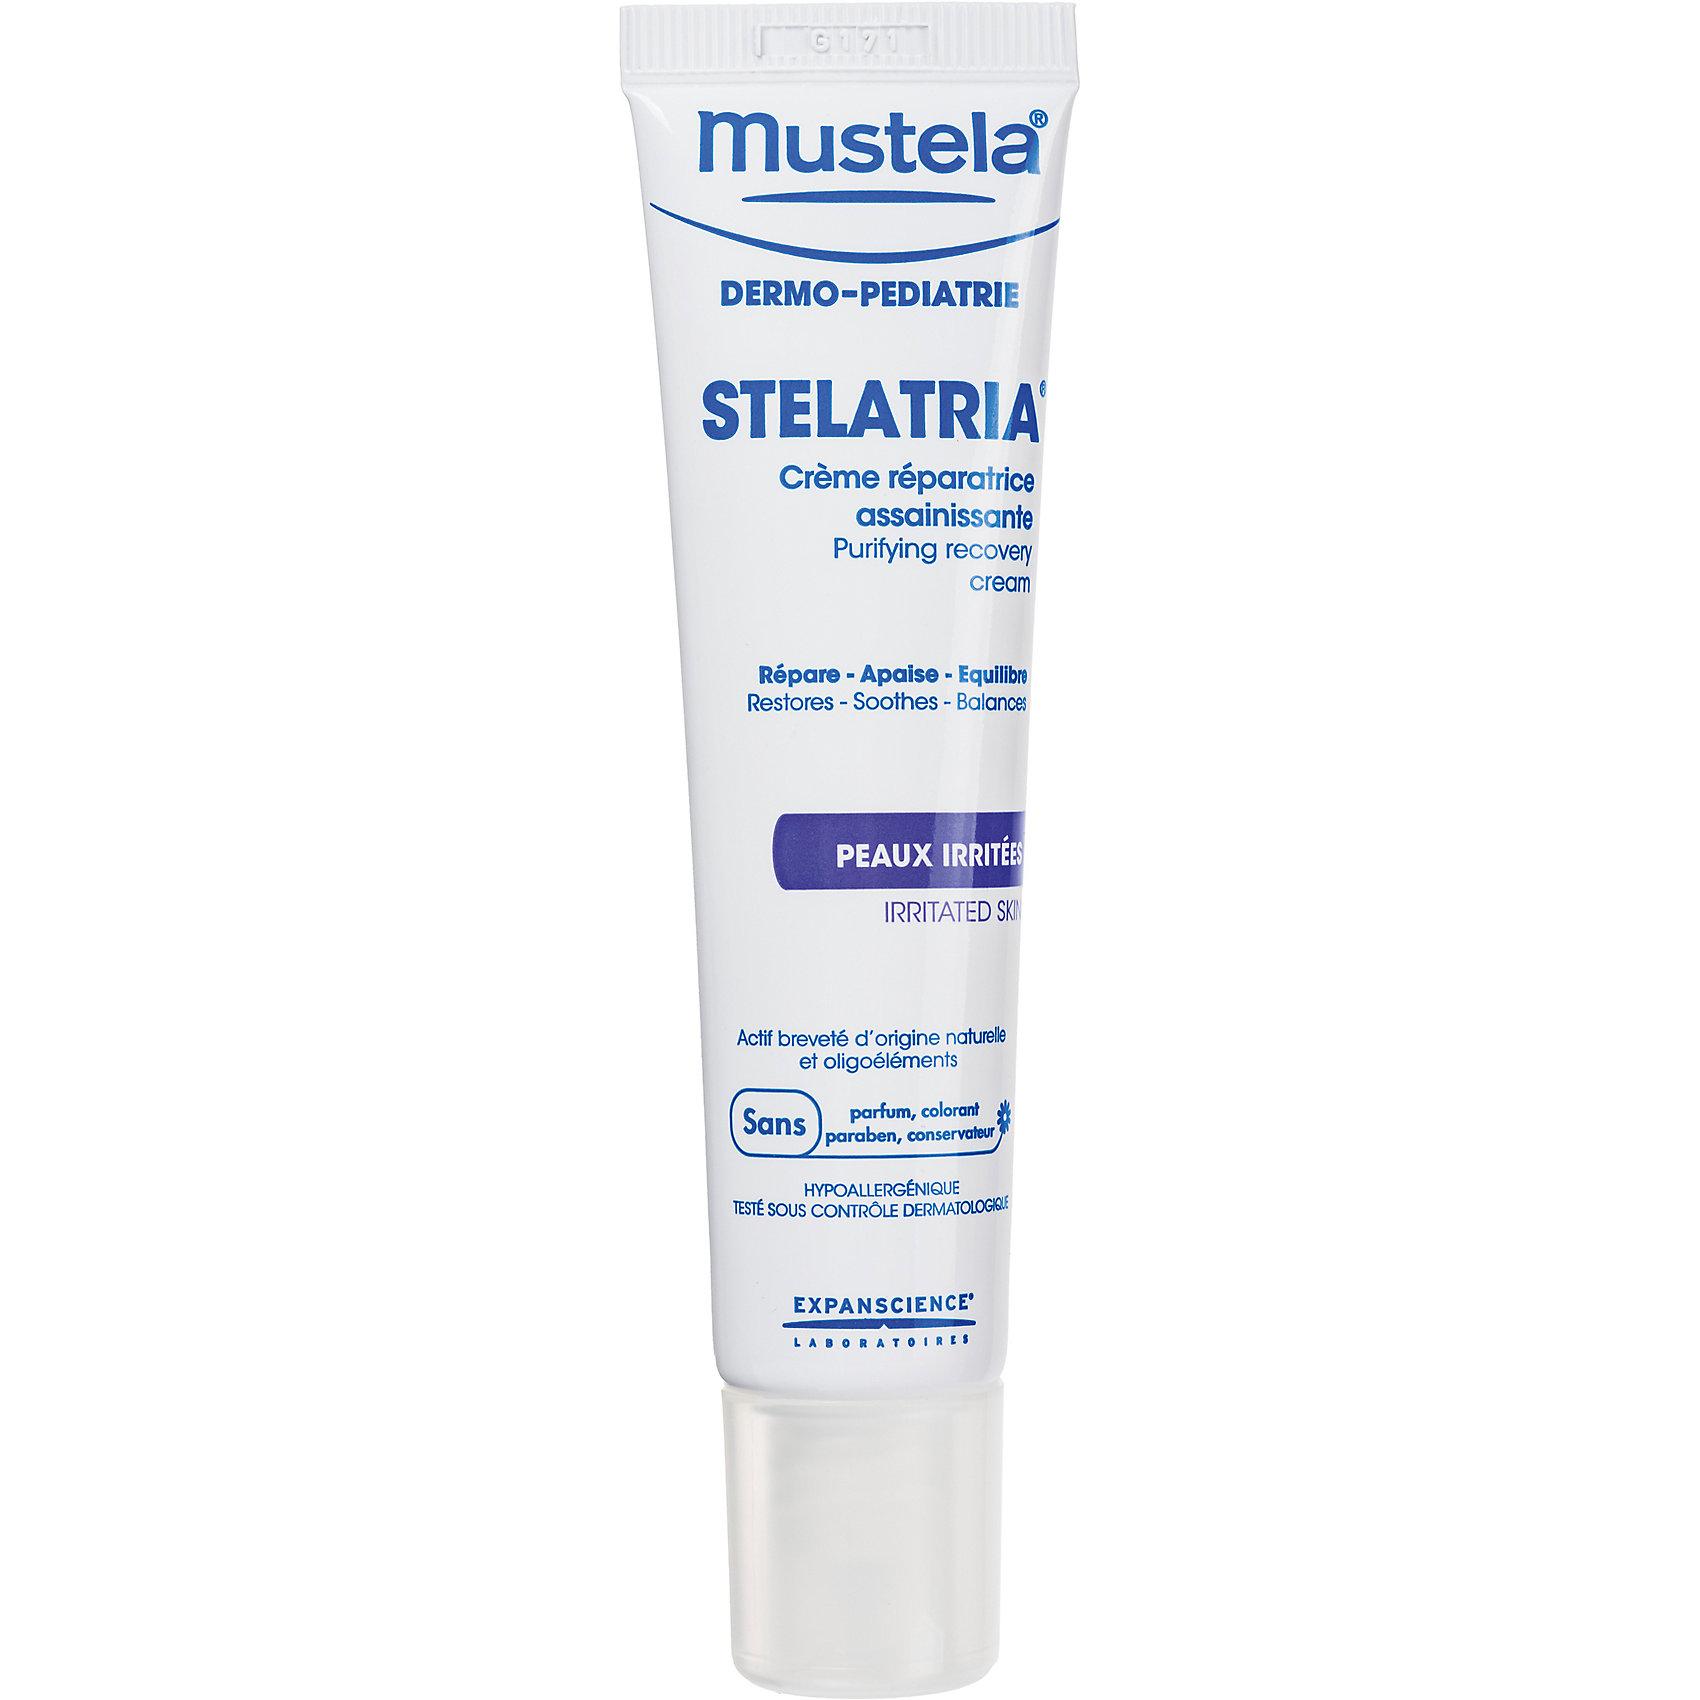 Эмульсия-крем восстанавливающая Stelatria, 40 мл., MustelaКосметика для младнецев<br>Эмульсия-крем восстанавливающая Stelatria, 40 мл., Mustela.<br><br>Характеристики:<br><br>- Средство: эмульсия.<br>- Объём:40 мл.<br><br>Для ухода за раздраженными участками кожи и локальными покраснениями на лице и теле новорожденных и детей. Длительный увлажняющий эффект, неокклюзивная формула. Эмулься – крем обладает следующими свойствами:<br>- комплекс микроэлементов ускоряет восстановление кожного барьера и стимулирует обновление клеток;<br>- помогает сократить риск размножения бактерий;<br>- активный компонент природного происхождения BioEcolia поддерживает баланс защитной микрофлоры кожи;<br>- длительный увлажняющий эффект, неокклюзивная формула;<br>- по мере использования средства раздражения постепенно проходят, а кожа вновь становится эластичной и сбалансированной.<br><br>Наносите 2-3 раза в день на чистую сухую кожу на раздраженные участки. Для очищения кожи рекомендуется использовать Очищающий защитный гель «Stelatria». Не использовать на мокнущих ранах. При покраснении ягодиц используйте Крем под подгузник 1 2 3.<br><br>Эмульсию-крем восстанавливающая Stelatria, 40 мл., Mustela (Мустела), можно купить в нашем интернет – магазине.<br><br>Ширина мм: 30<br>Глубина мм: 40<br>Высота мм: 155<br>Вес г: 59<br>Возраст от месяцев: 0<br>Возраст до месяцев: 36<br>Пол: Унисекс<br>Возраст: Детский<br>SKU: 5392925